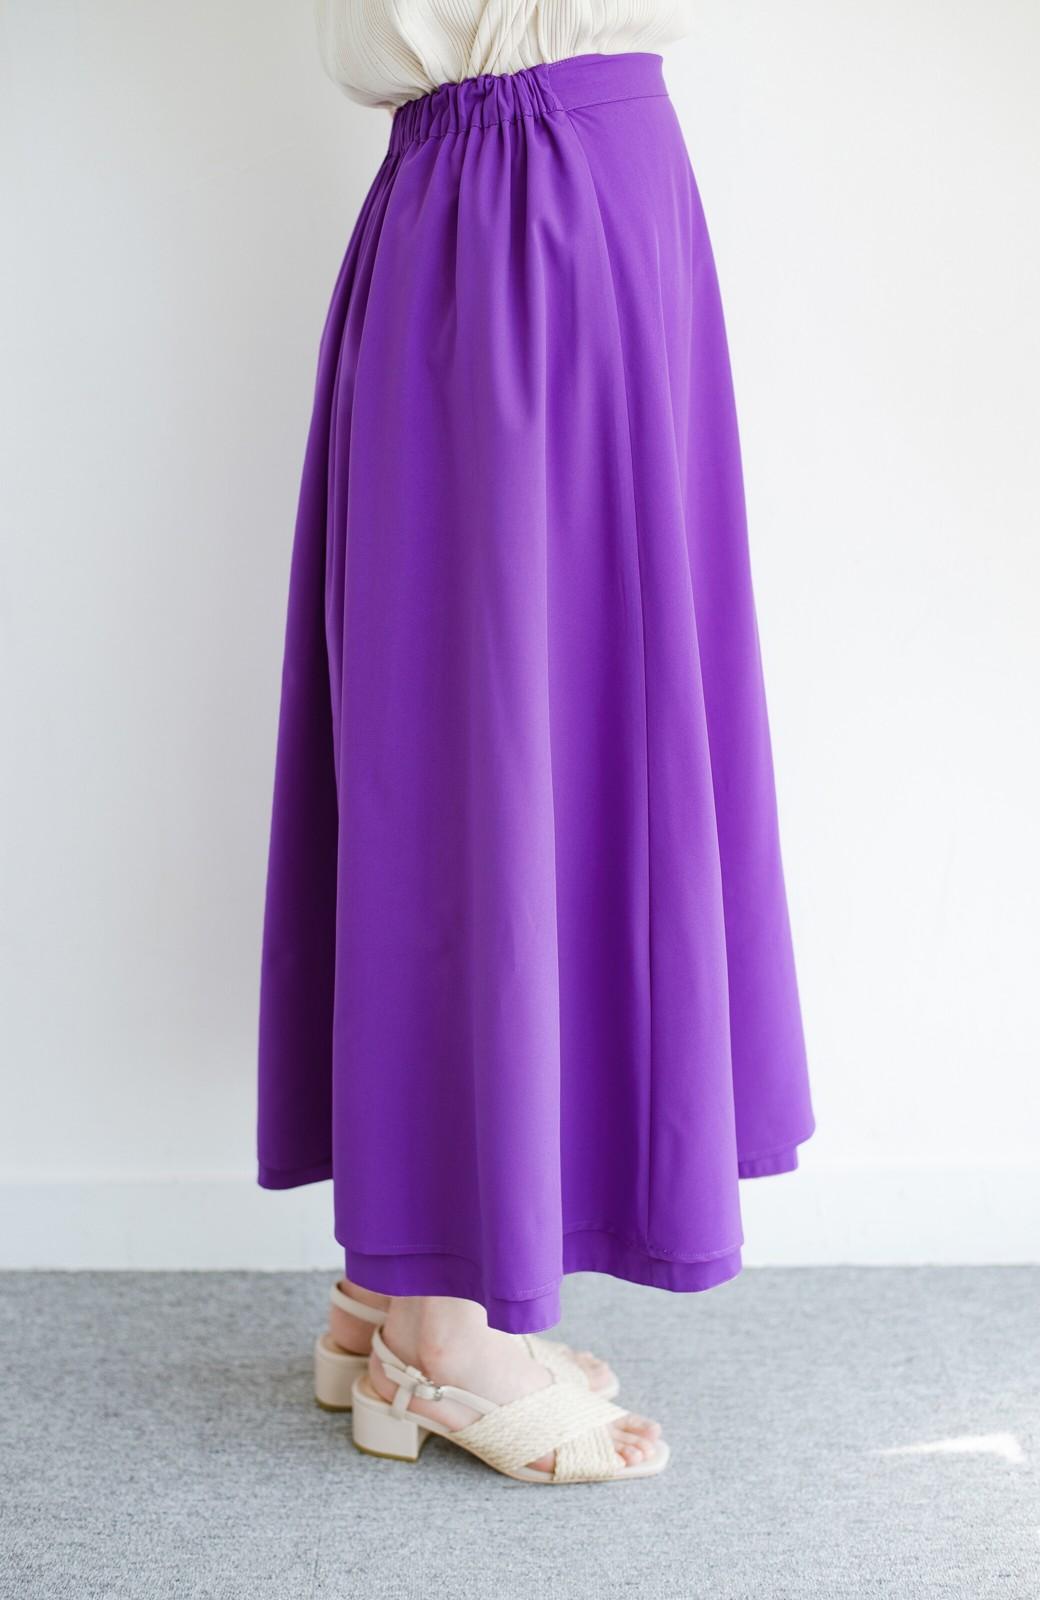 haco! オフィスにもデートにも! 便利なのはきれいに見えて楽ちんなリバーシブルスカート <ピンク系その他>の商品写真10